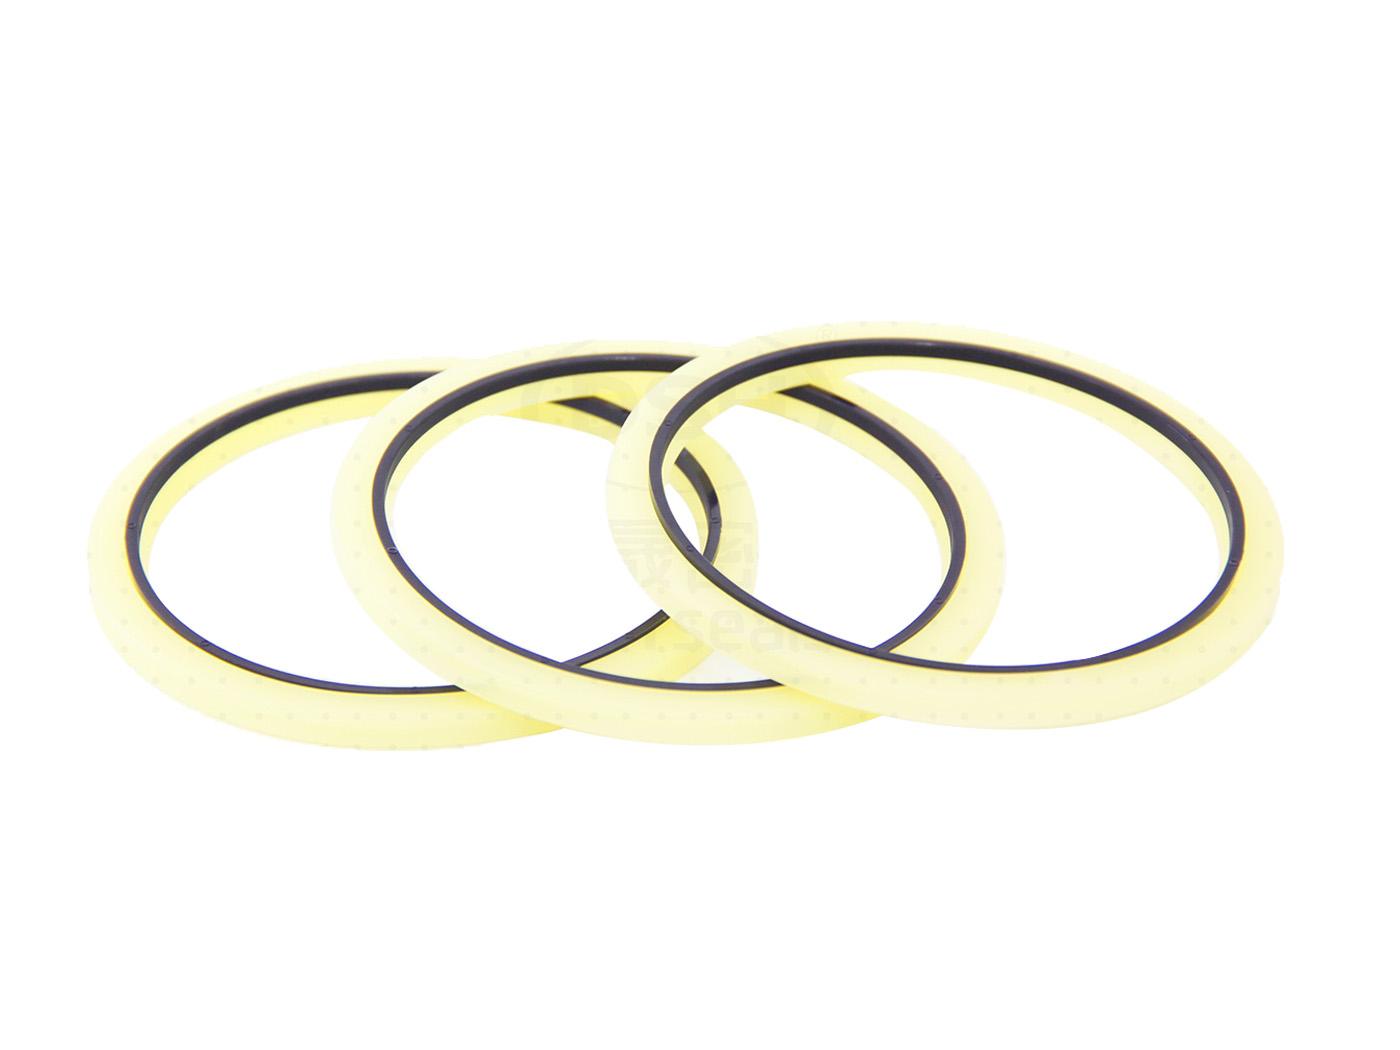 DSH-Find Hydraulic Rod Seals Hby - Hydraulic Rod Seal Buffer Ring-3